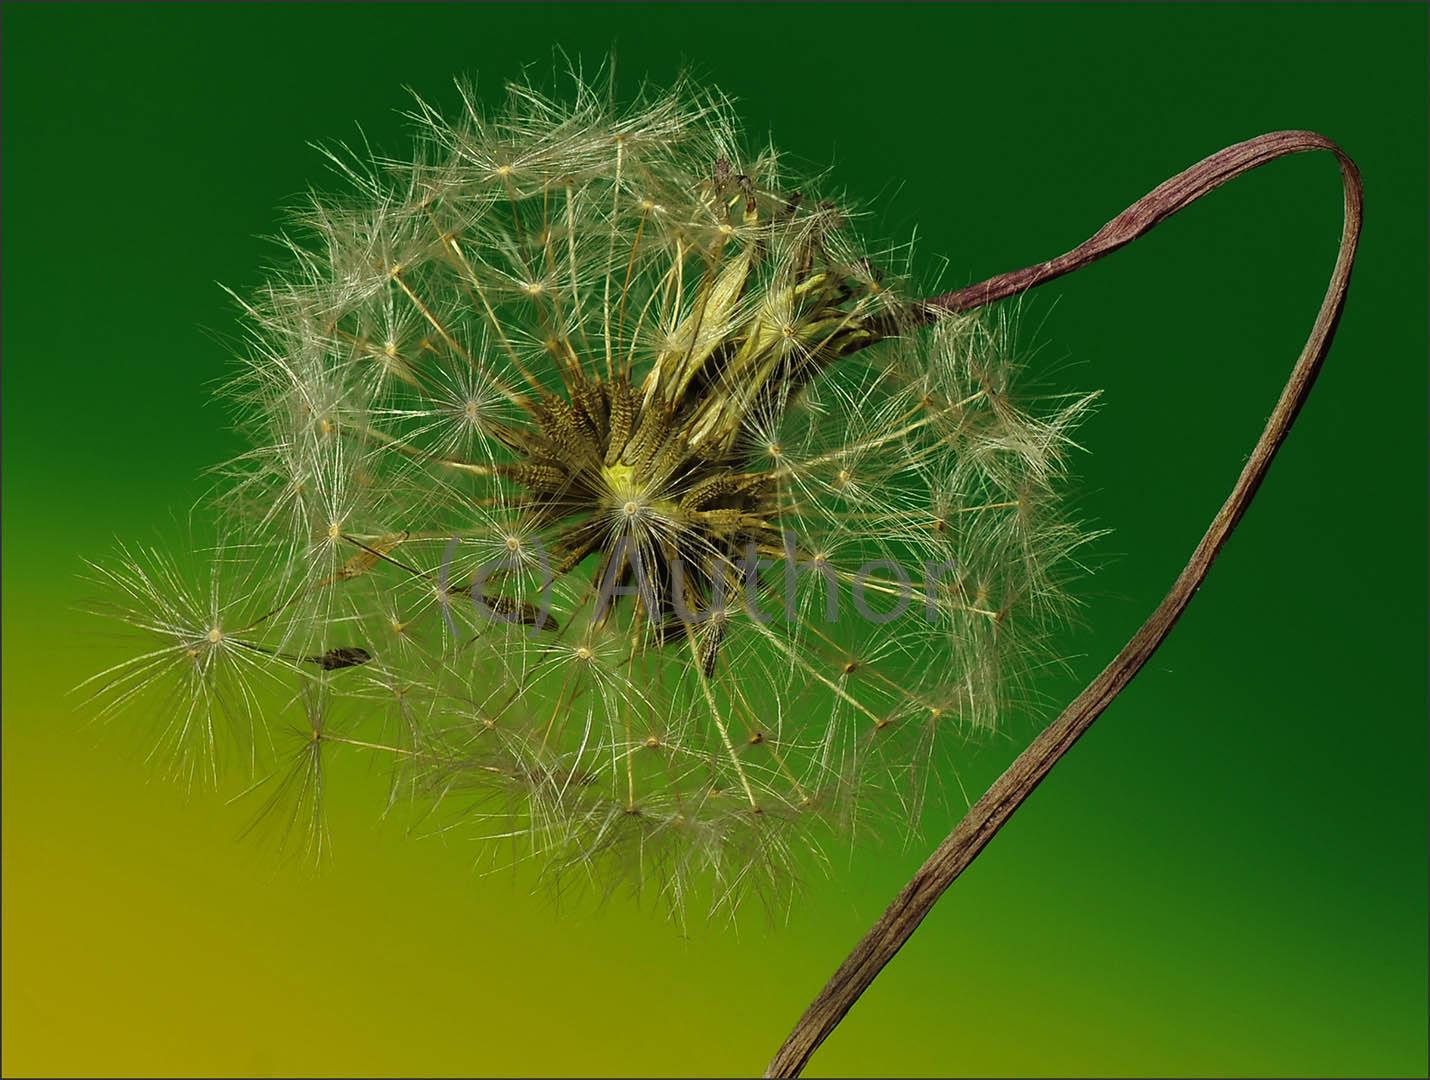 4_PI_death of a dandelion_des alexander